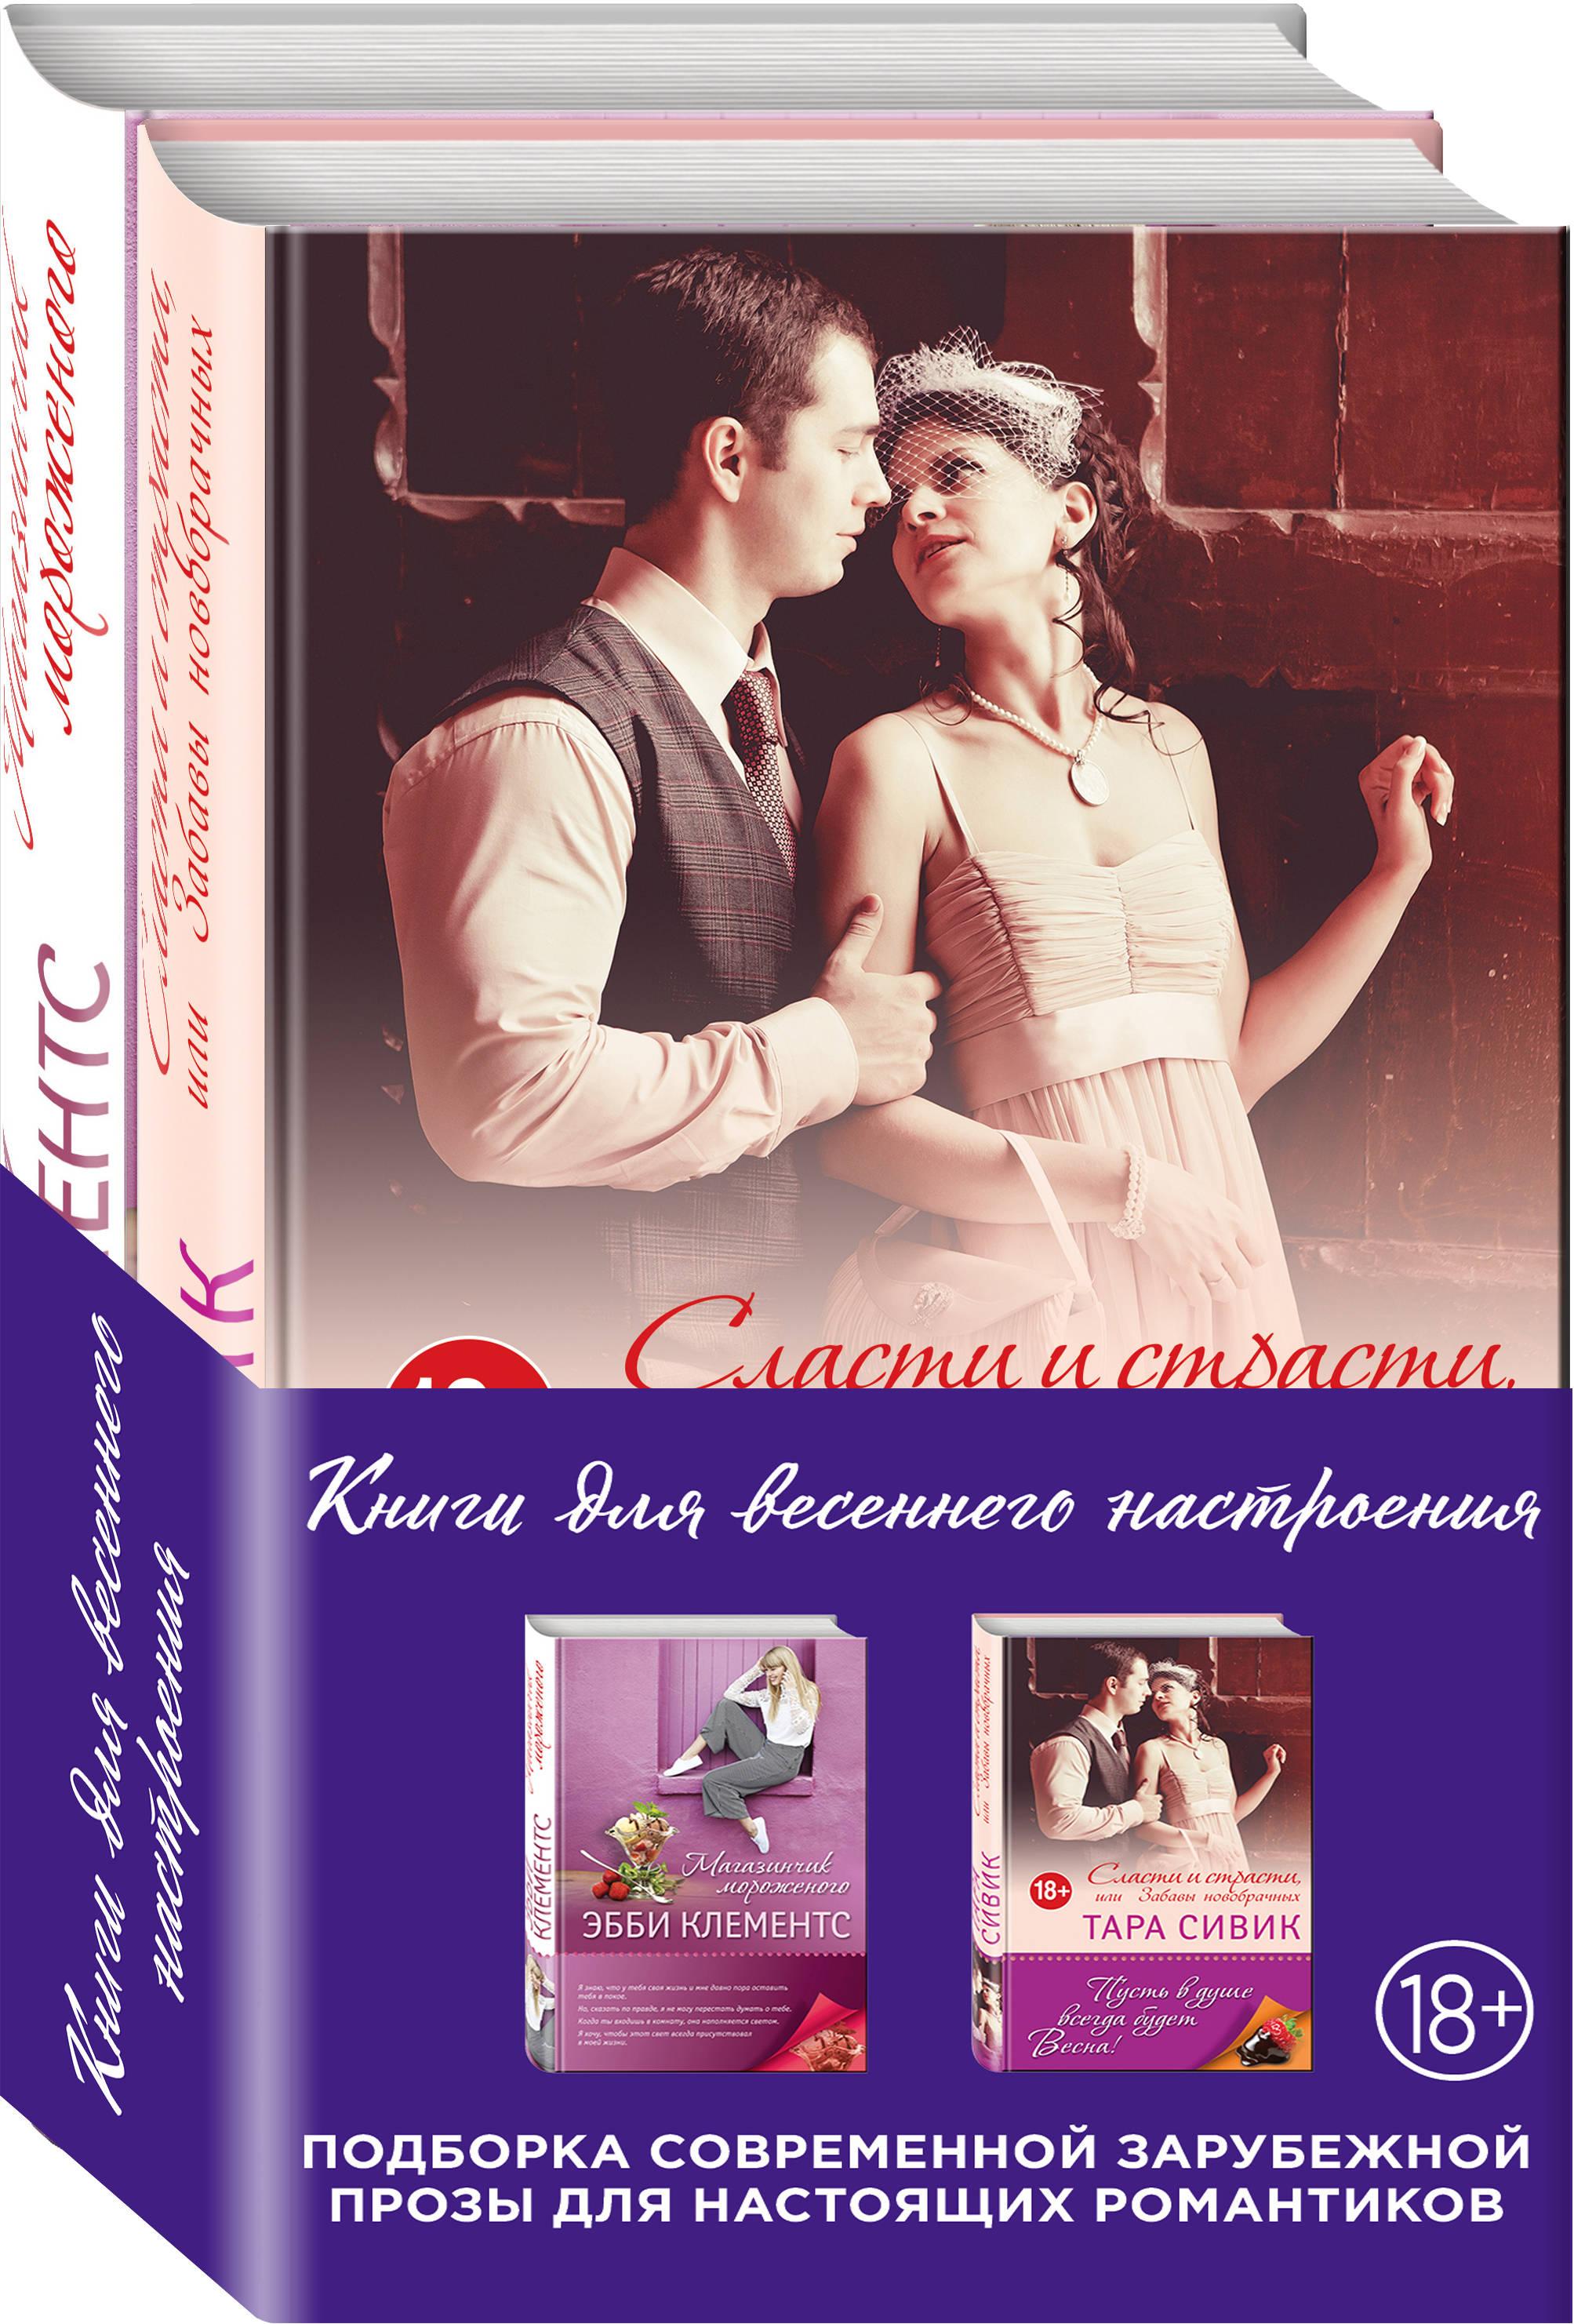 Сивик Т., Клементс Э. Влюбленные в жизнь и друг в друга (комплект из 2 книг)